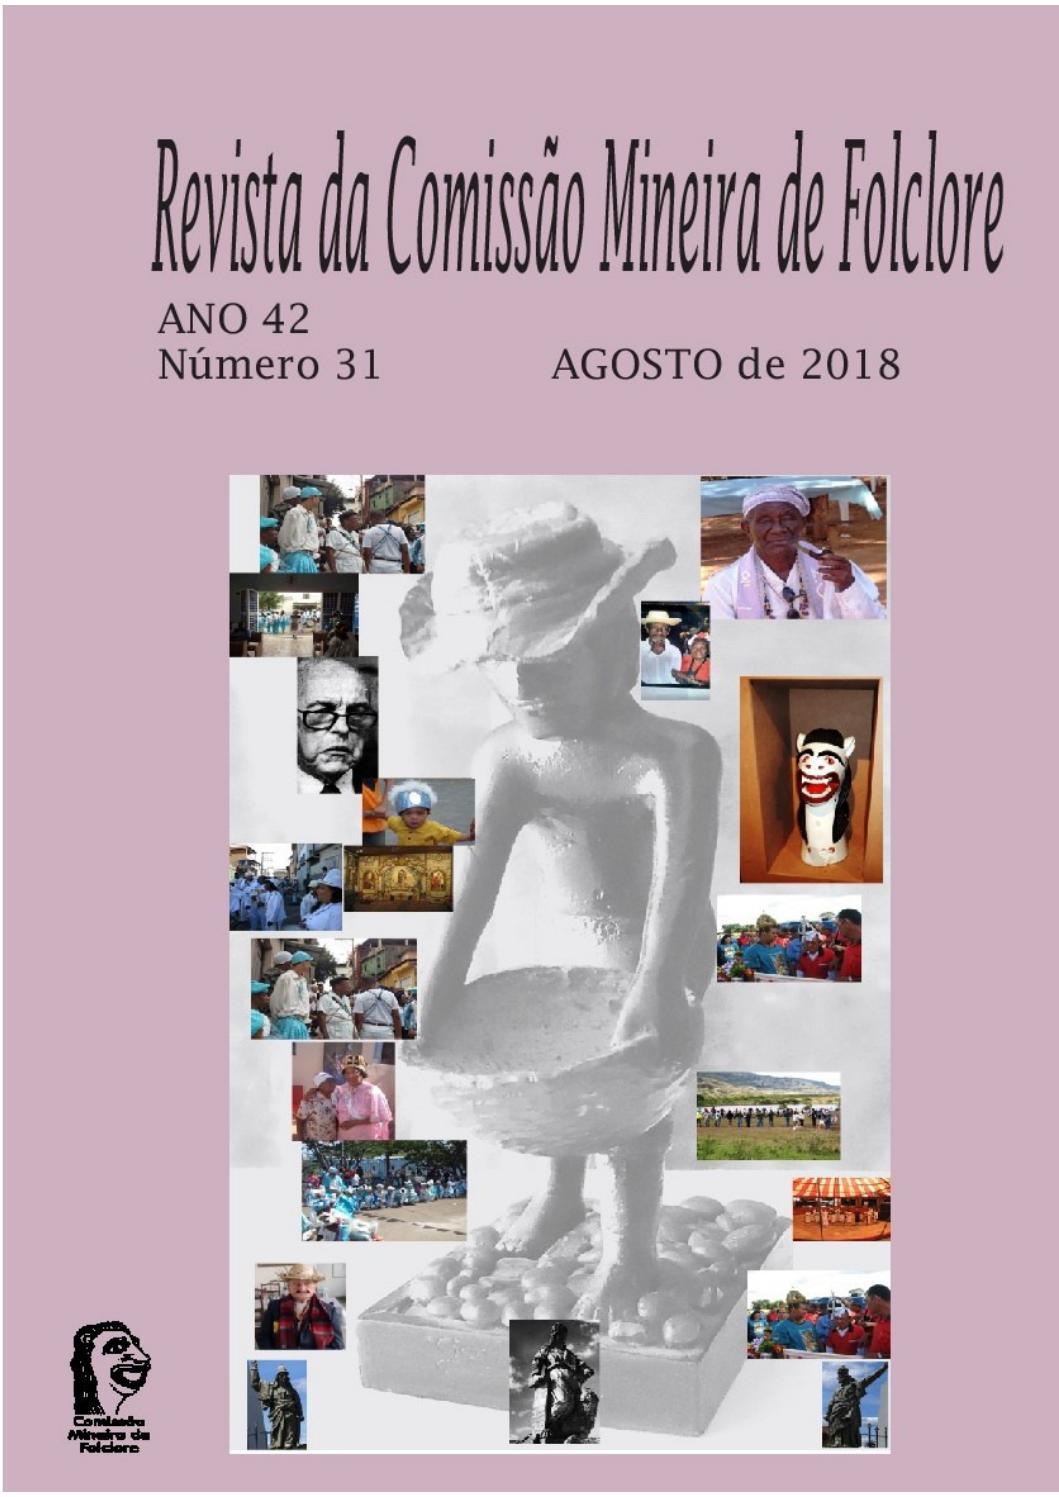 5c698caa1 Revista da Comissão Mineira de Folclore by Comissão Mineira de Folclore -  issuu